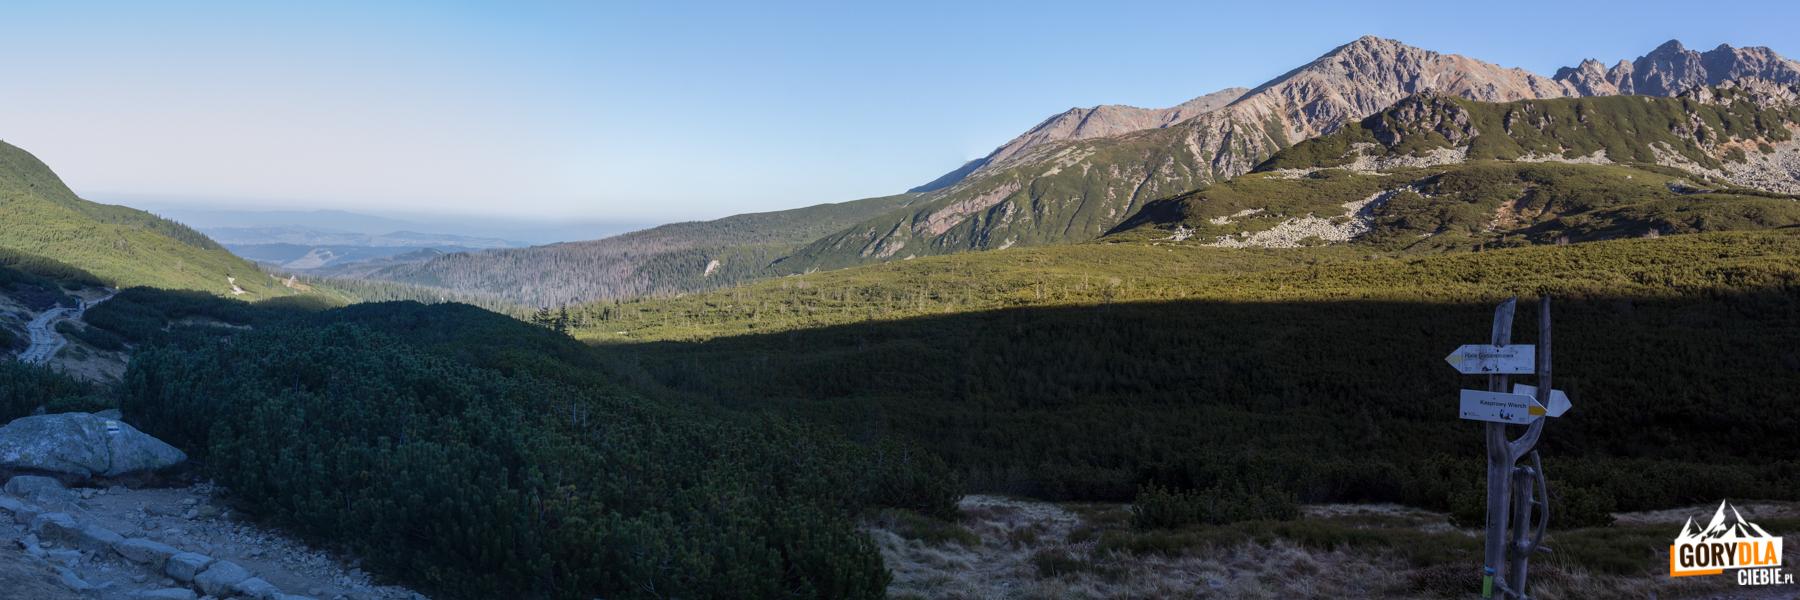 Dolina Gąsienicowa - widok z dolnej stacji wyciągu z Doliny Gąsienicowej na Kasprowy Wierch